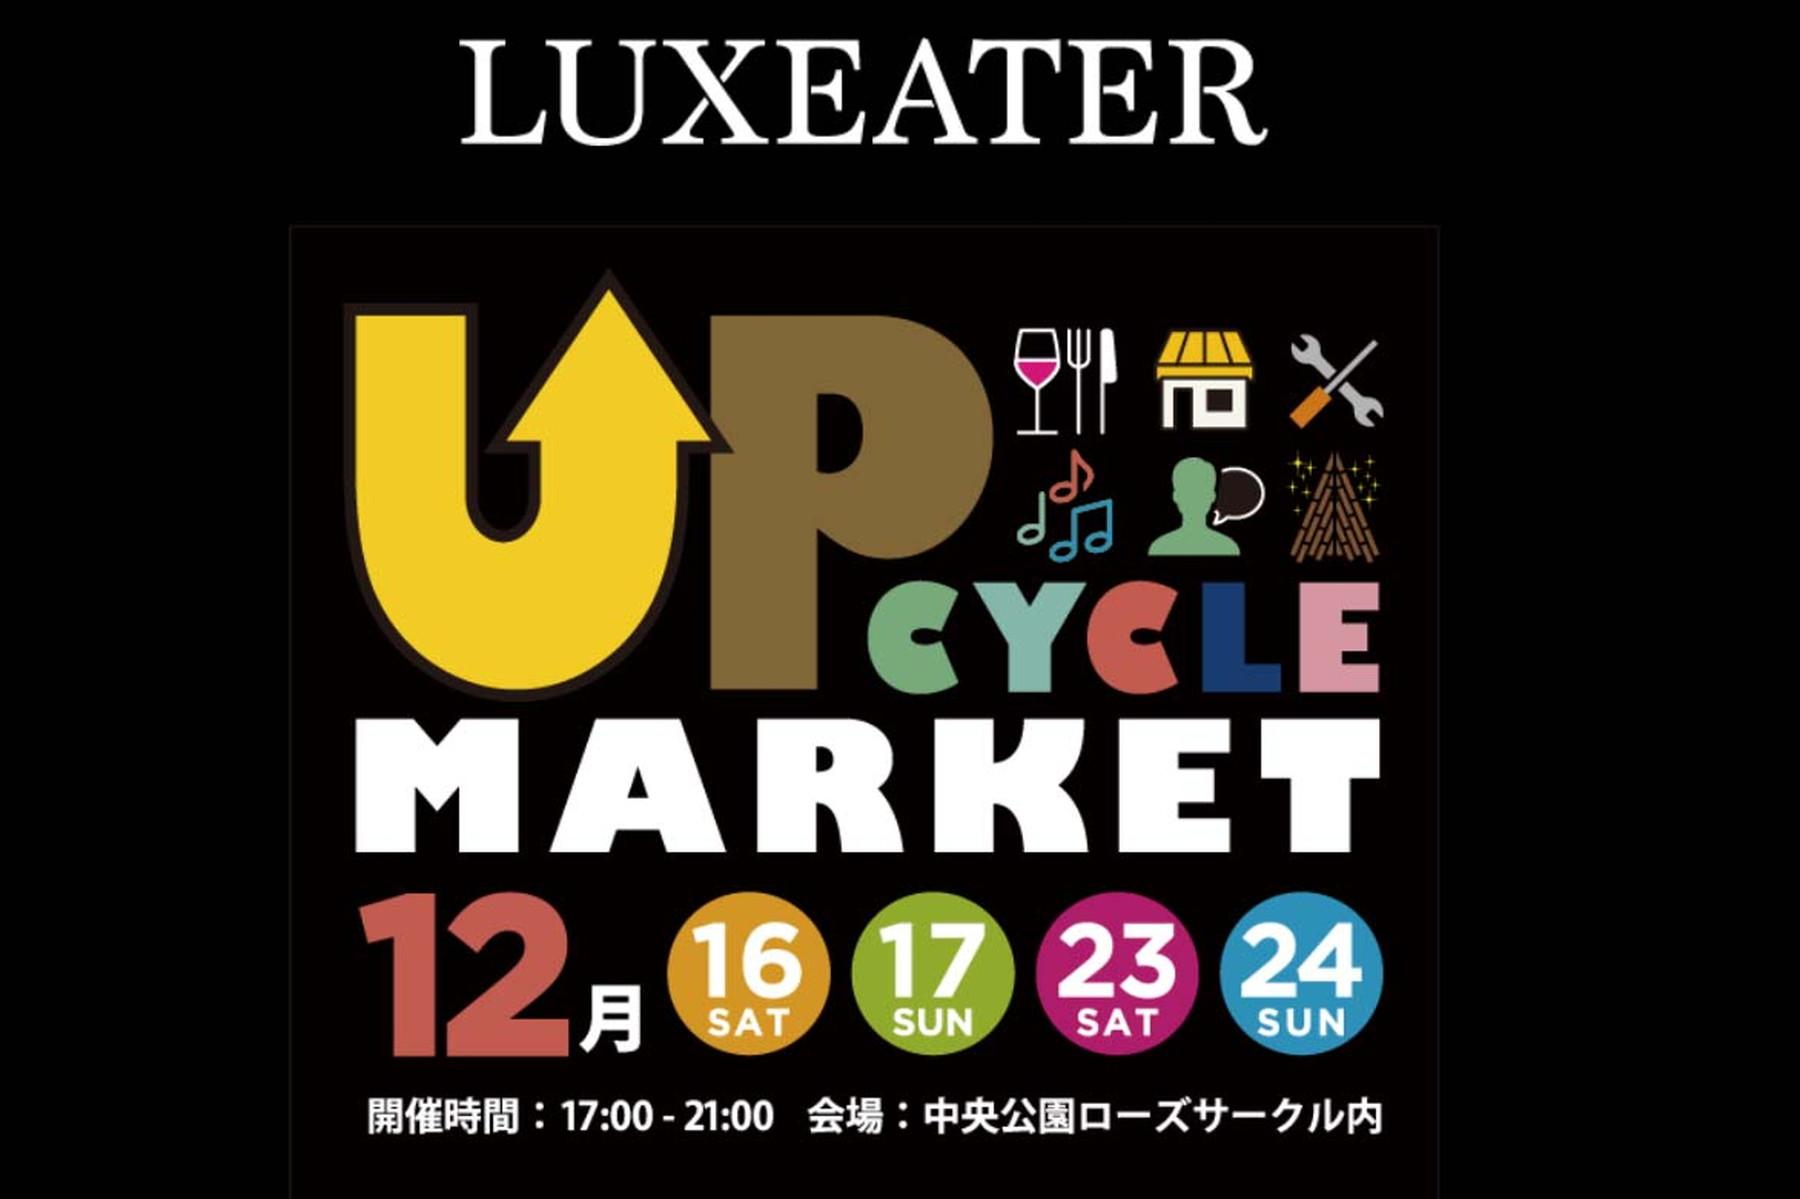 「ルクシアタアップサイクルマーケット」出展のお知らせ/KOKOROISHIソファ